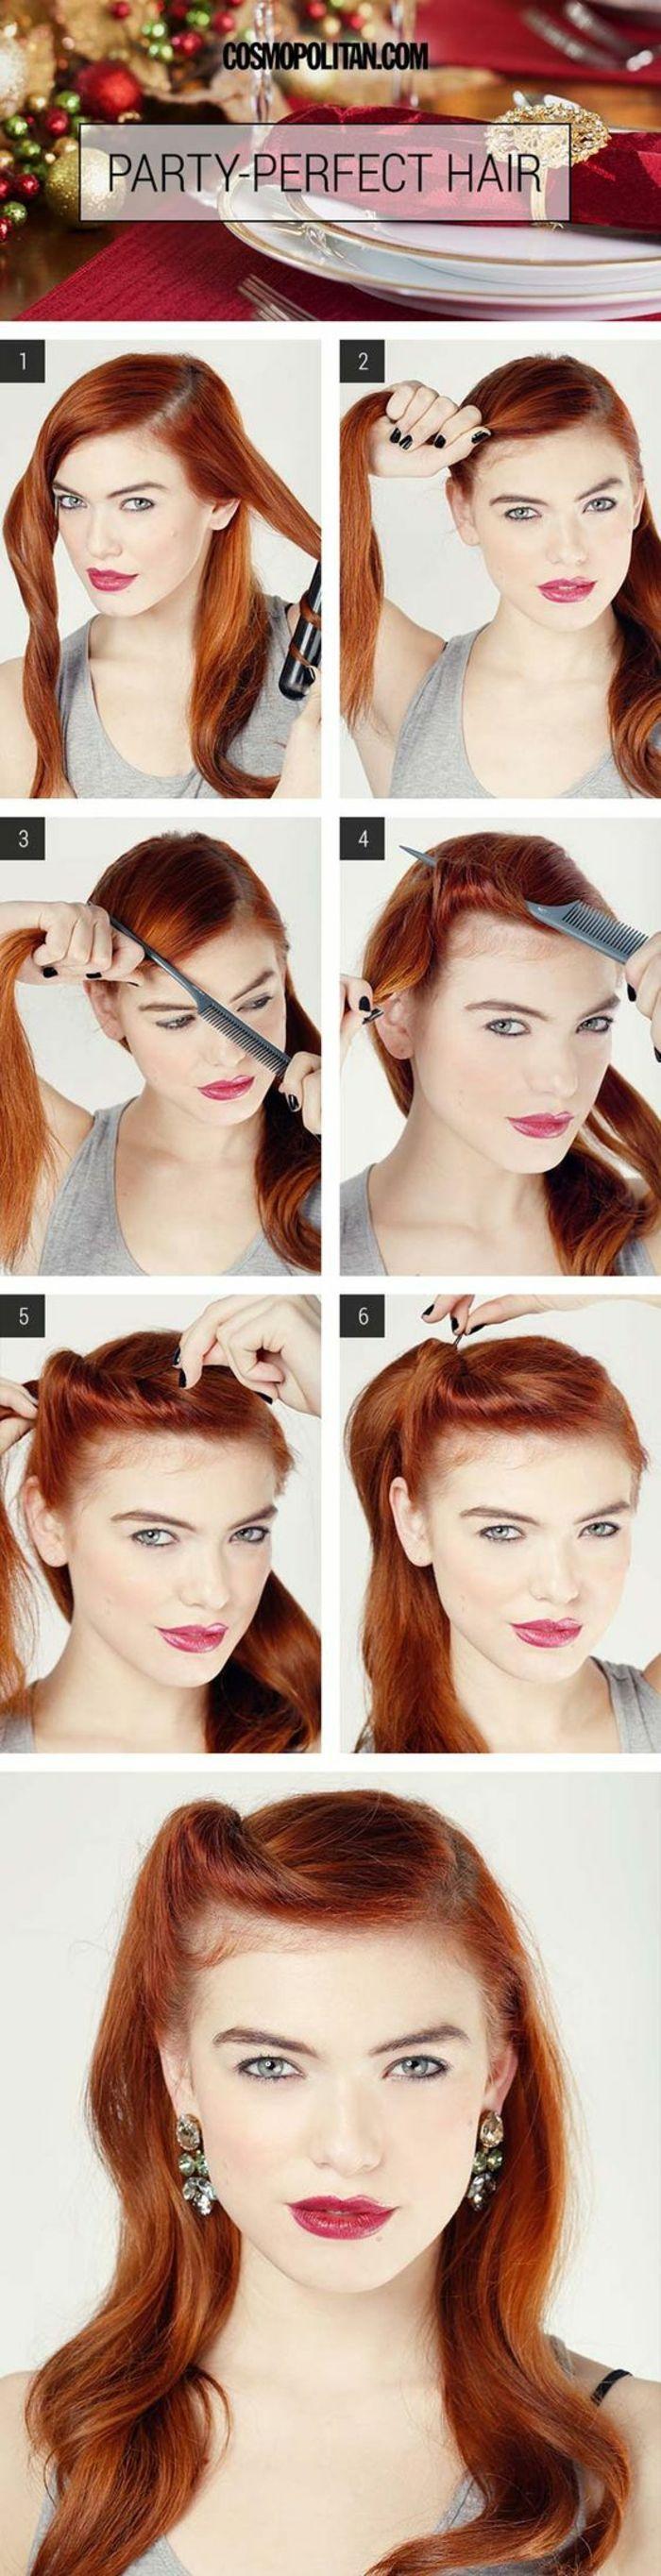 Party-Frisur Schritt für Schritt Anleitung für langes Haar, Retro-Frisur mit …  #anleitung #frisur #langes #party #retro #schritt